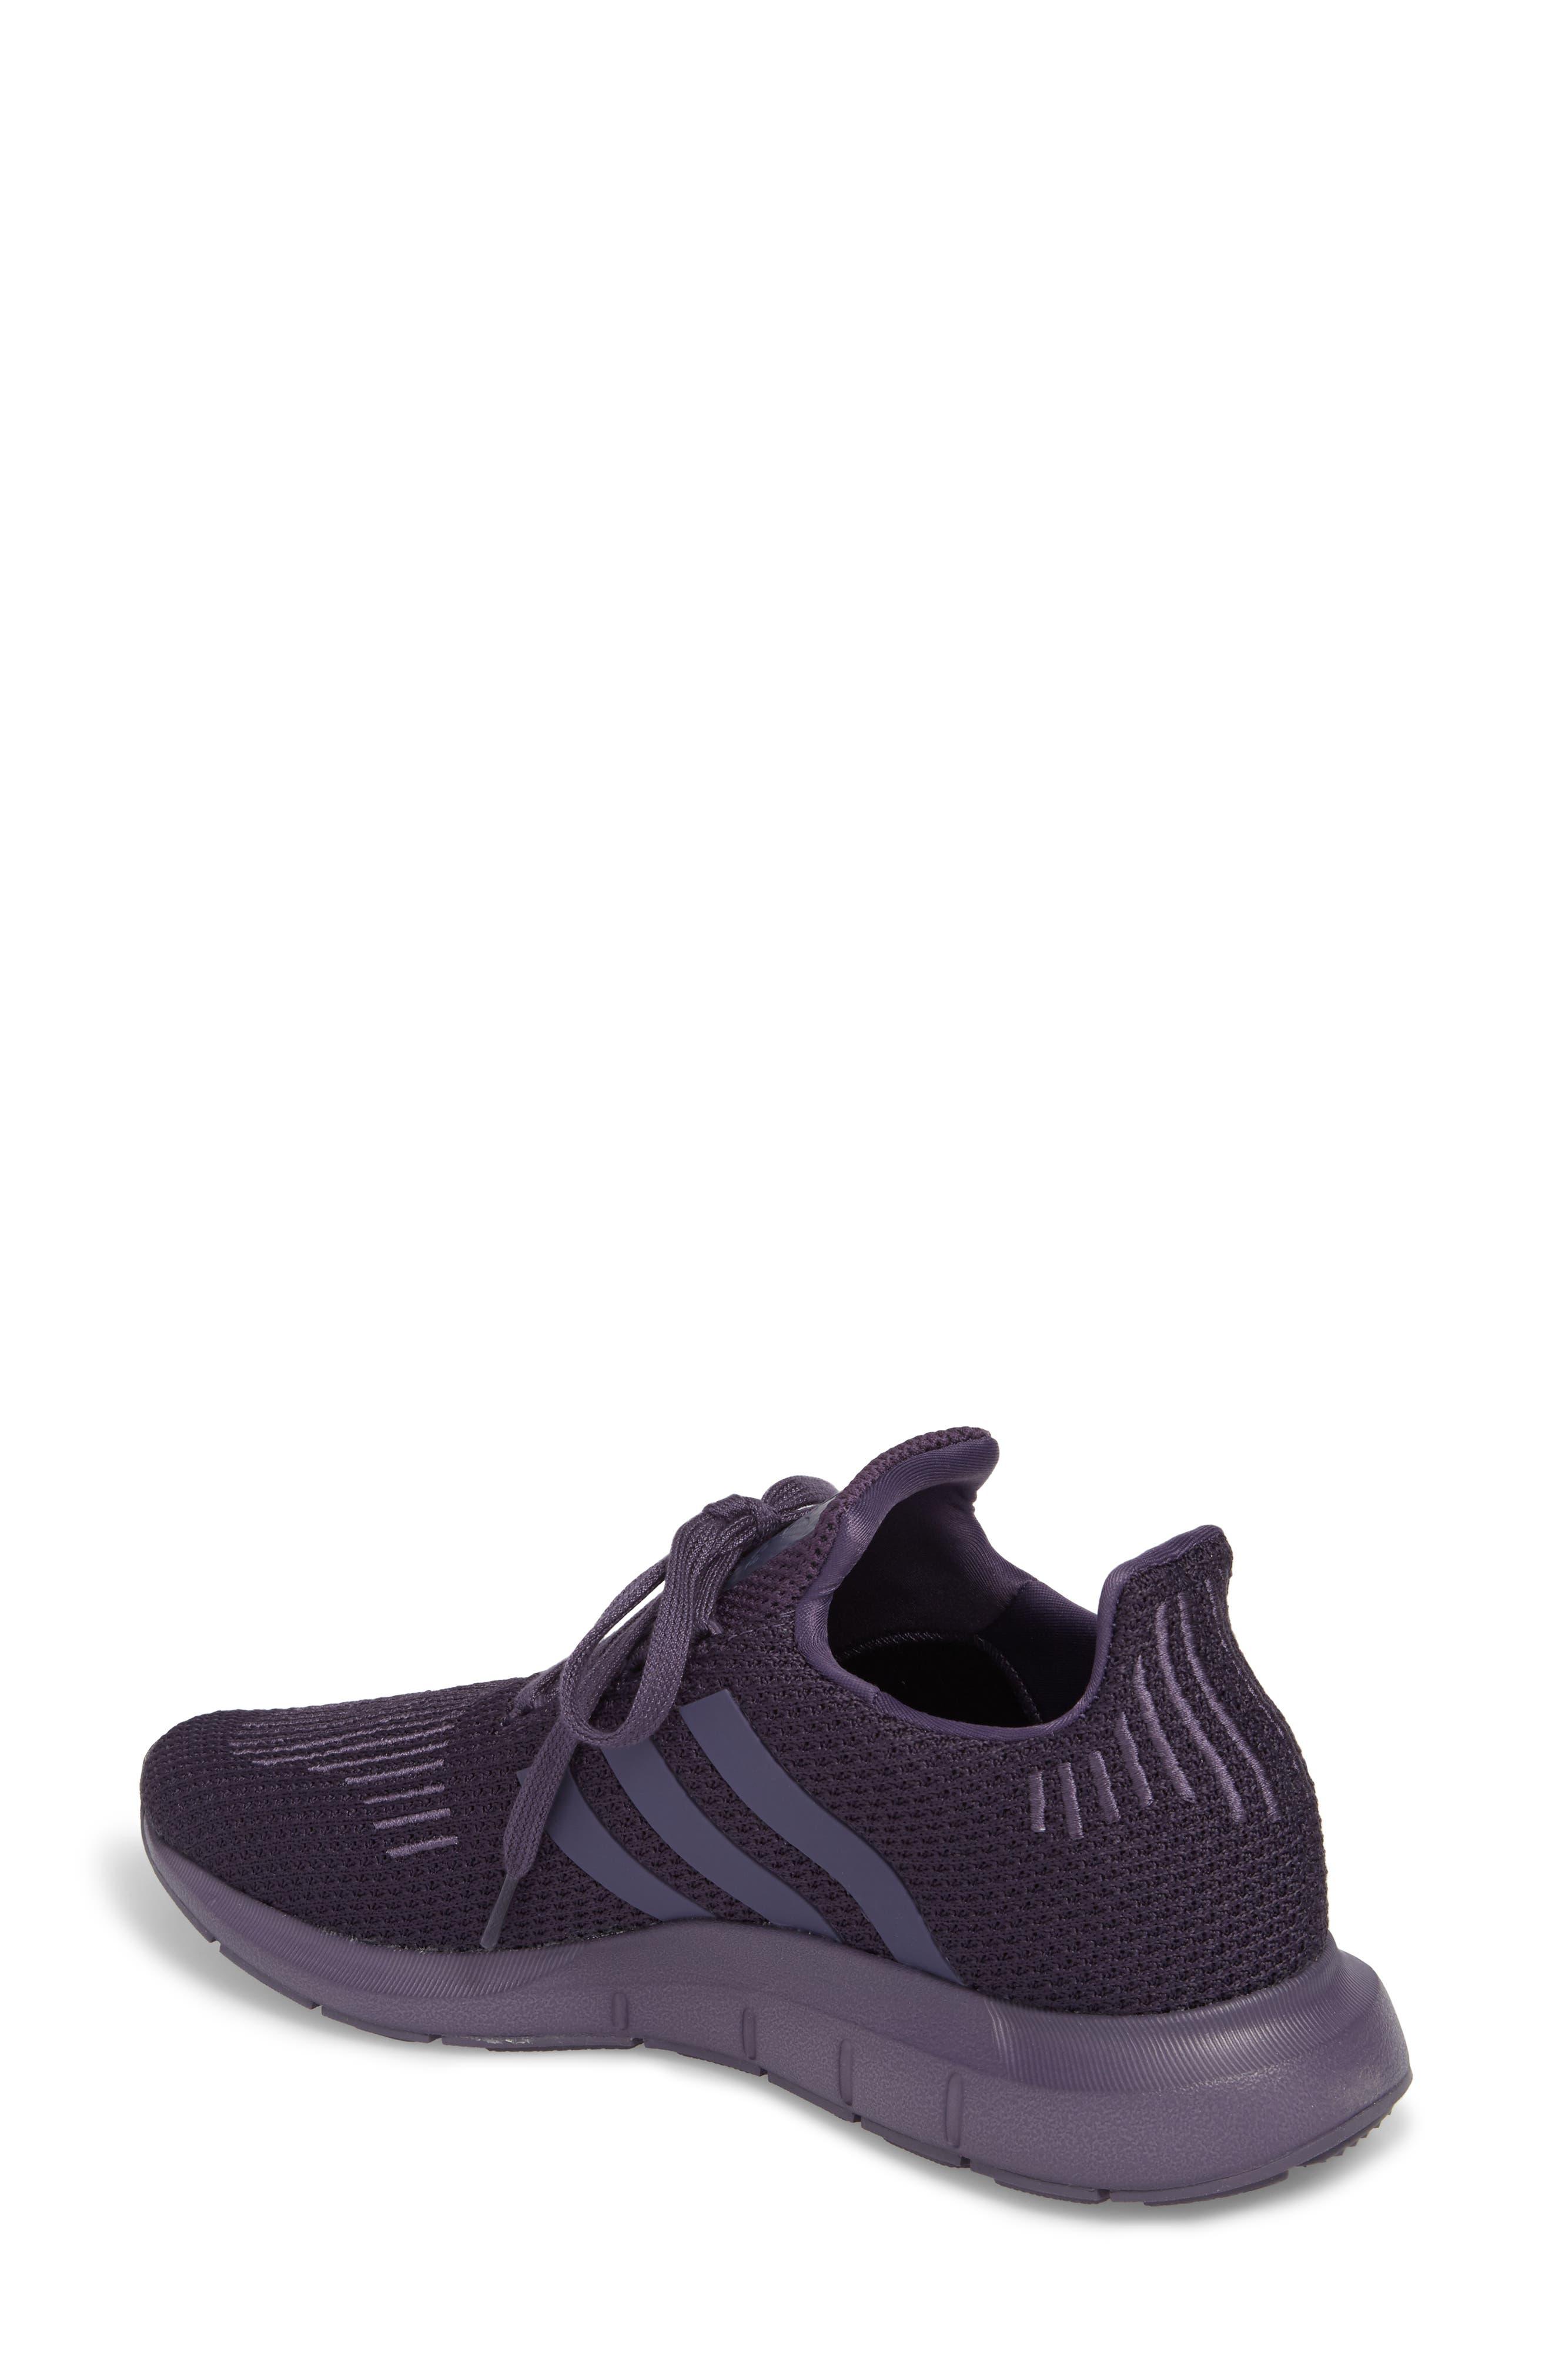 Swift Run Sneaker,                             Alternate thumbnail 59, color,